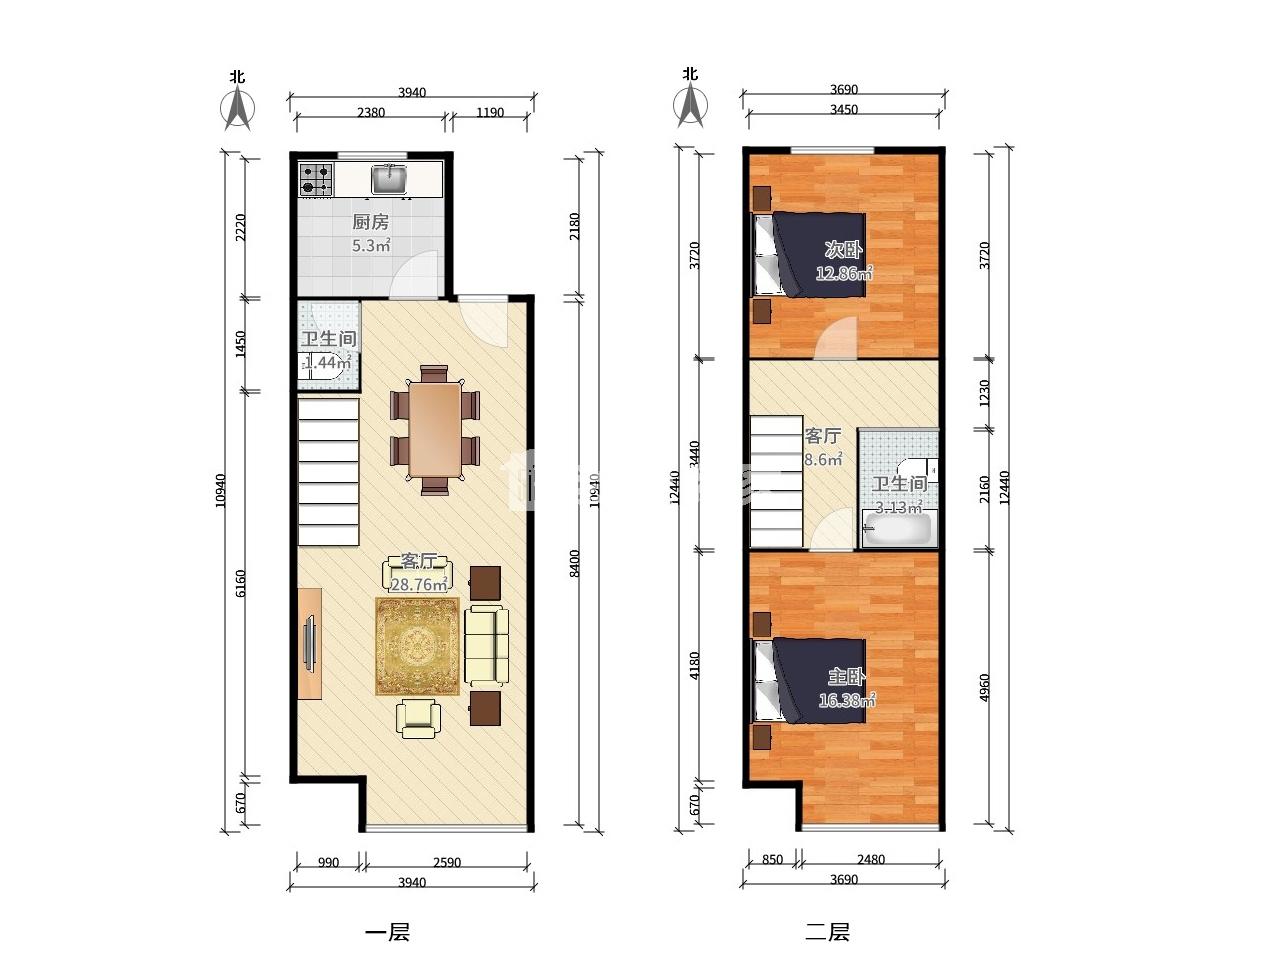 栖霞区迈皋桥中电颐和家园睿域2室2厅户型图